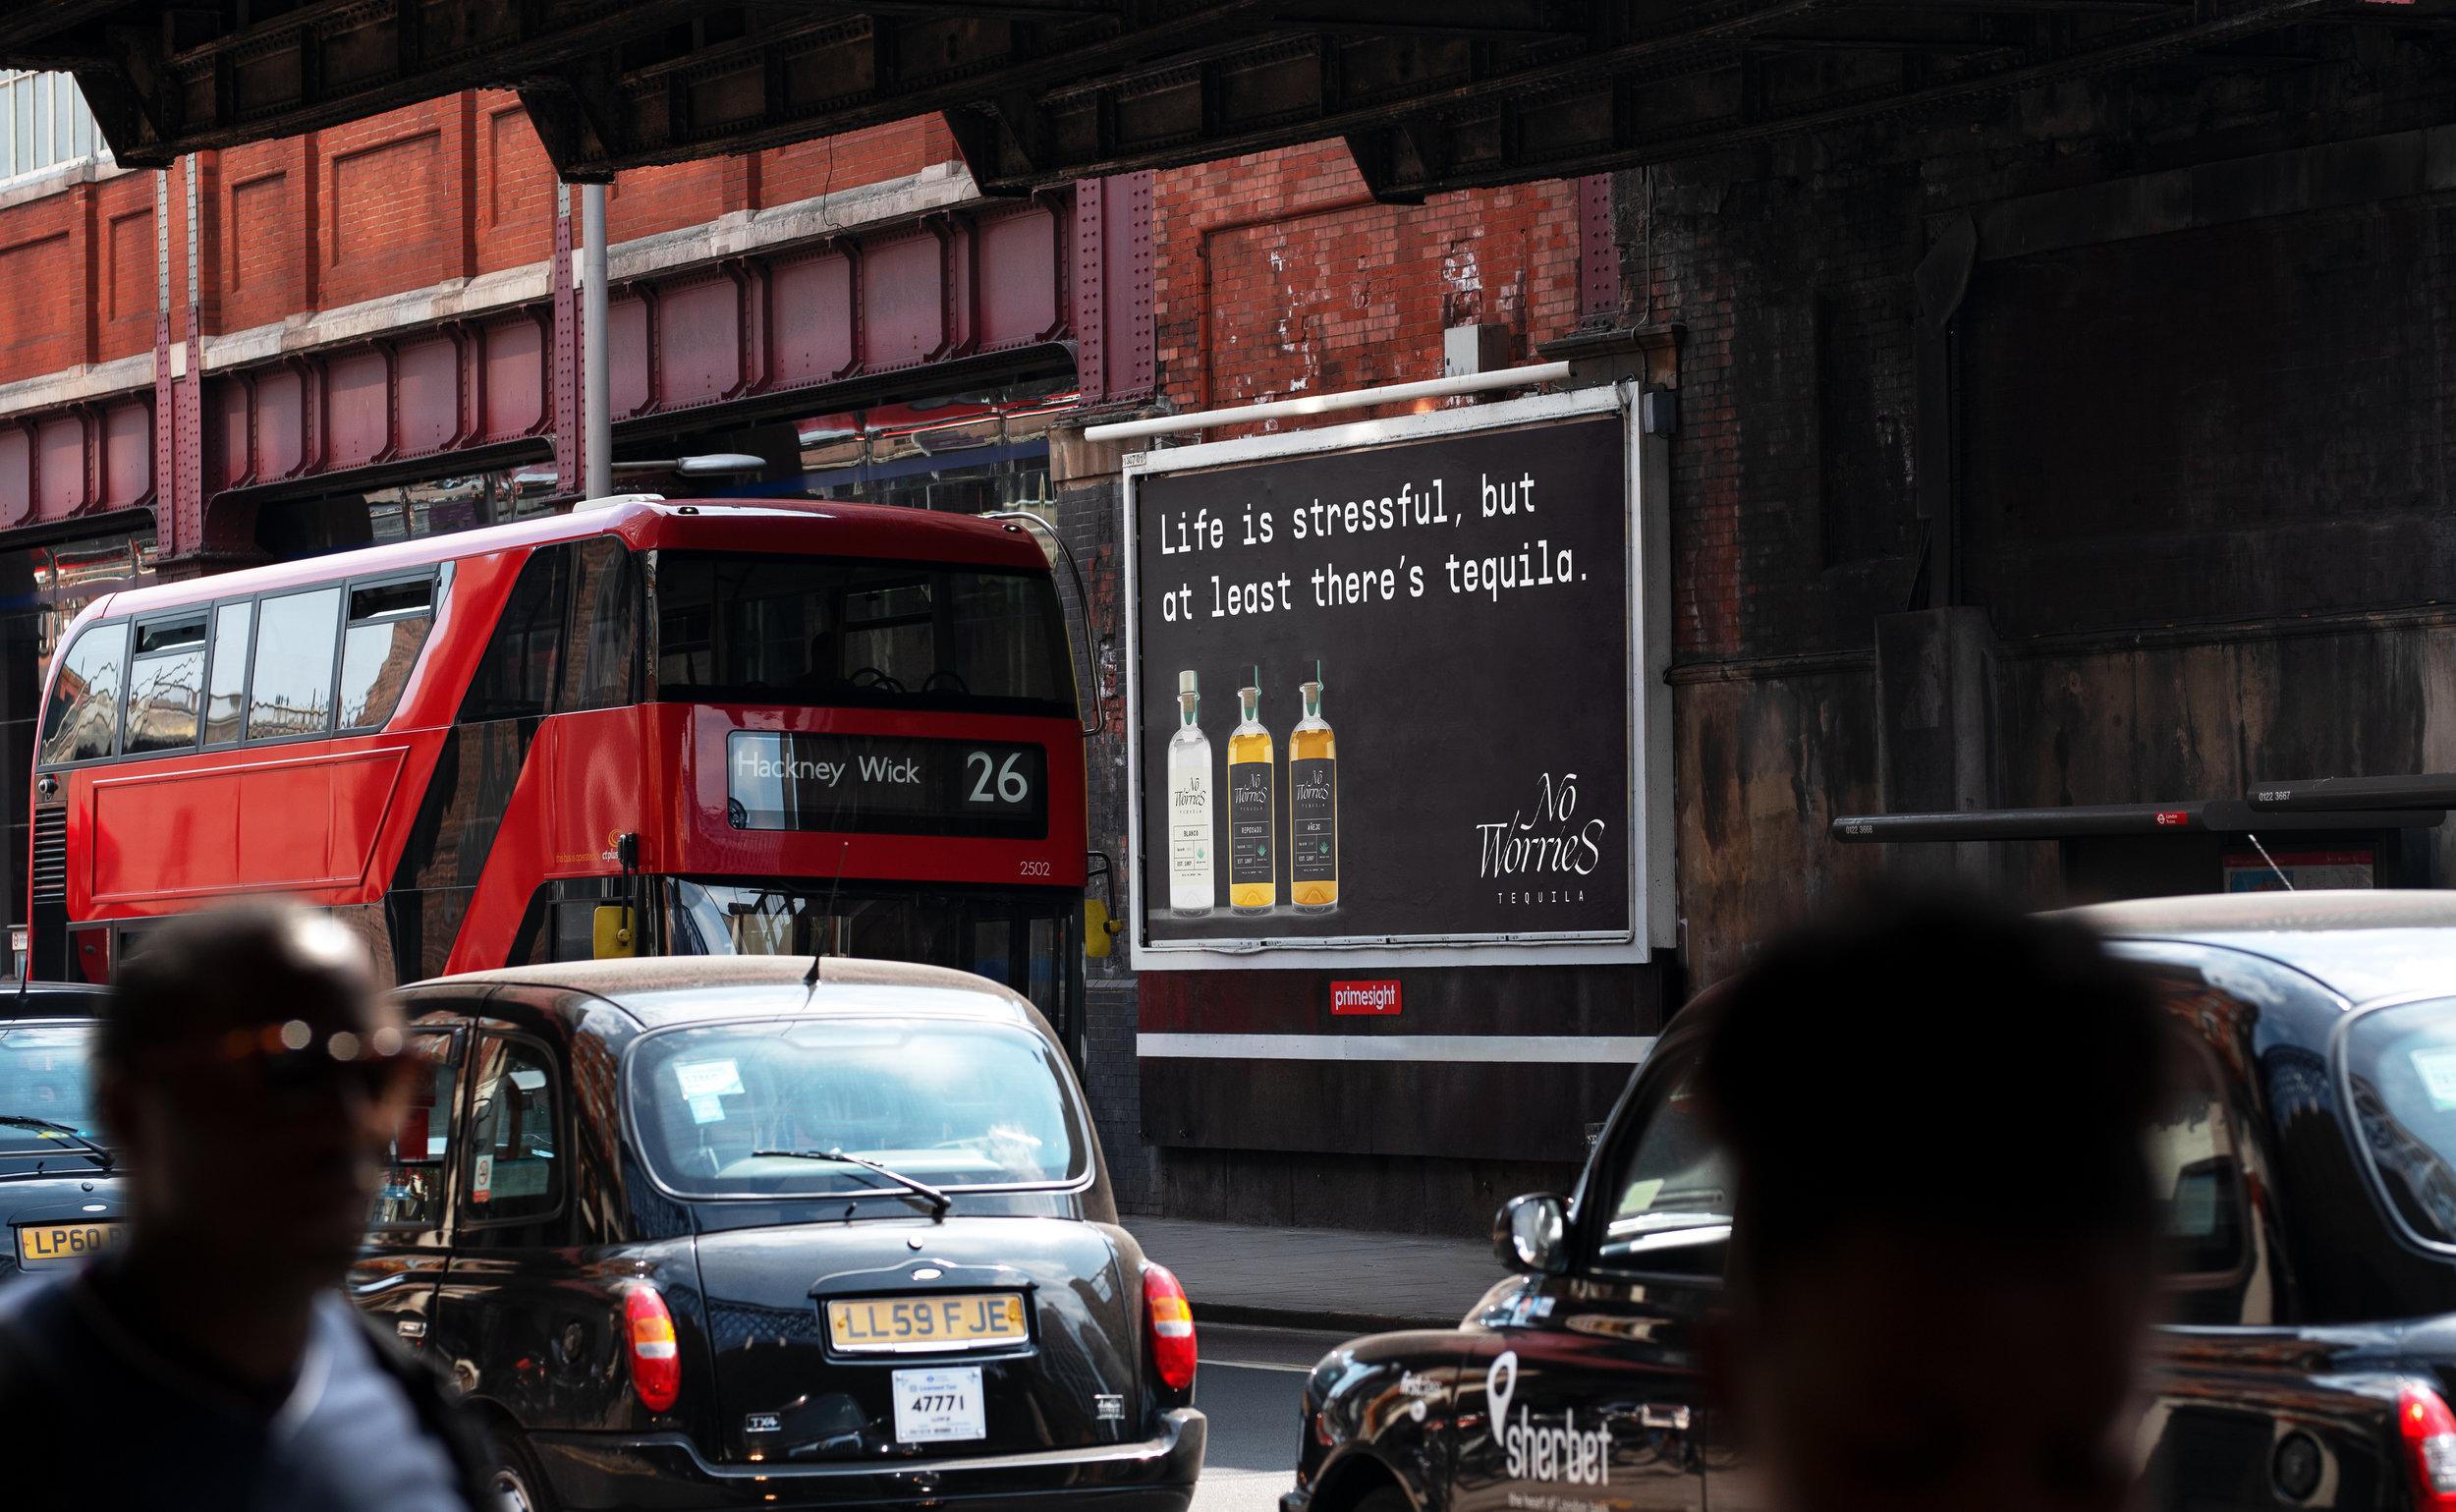 NoWorries_billboard1.jpg